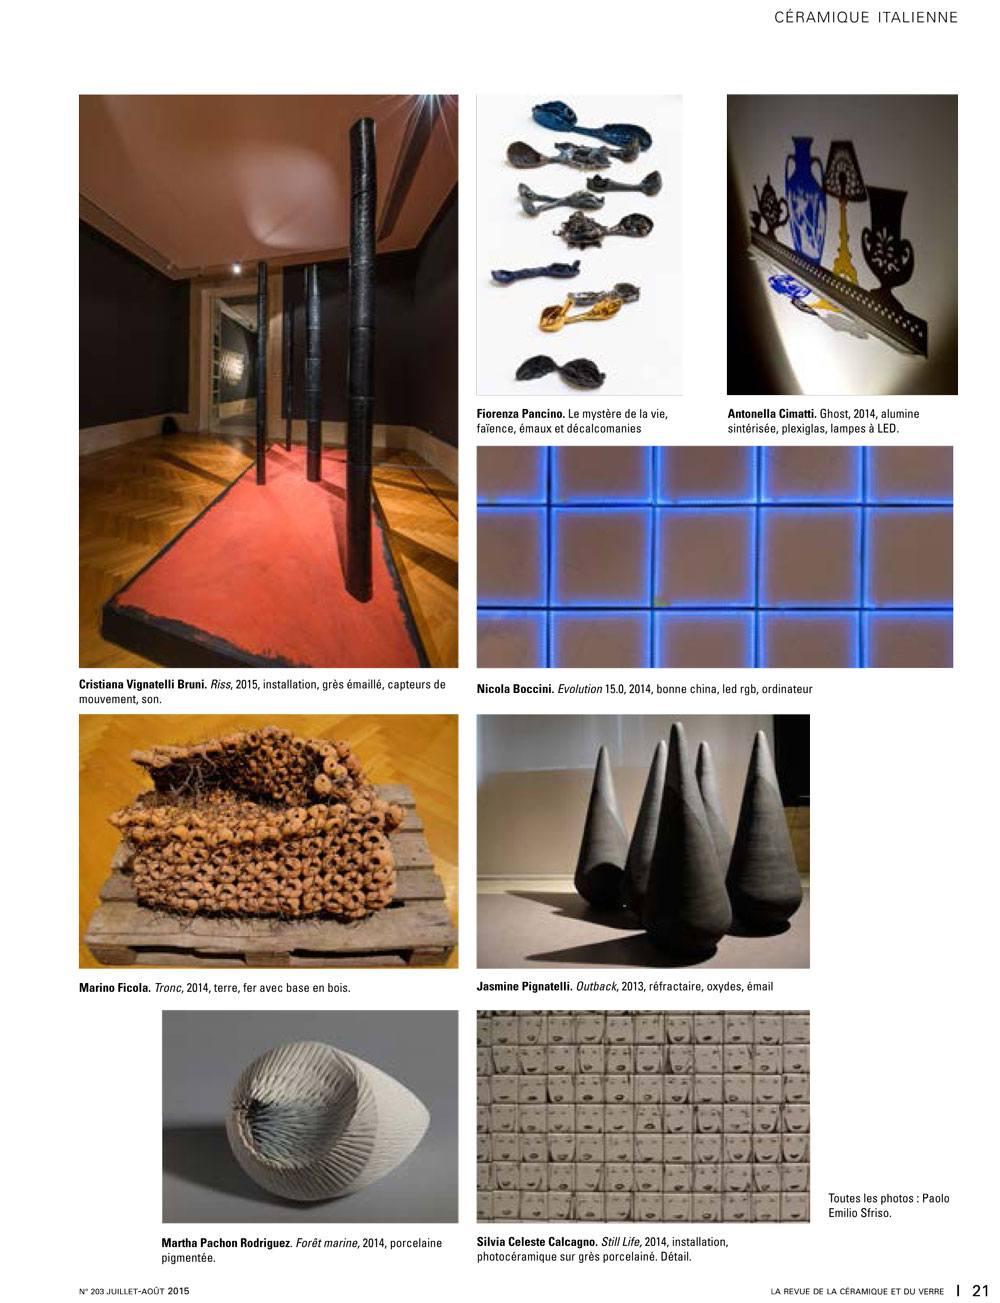 Nicola Boccini, la revue de la ceramique e du verre